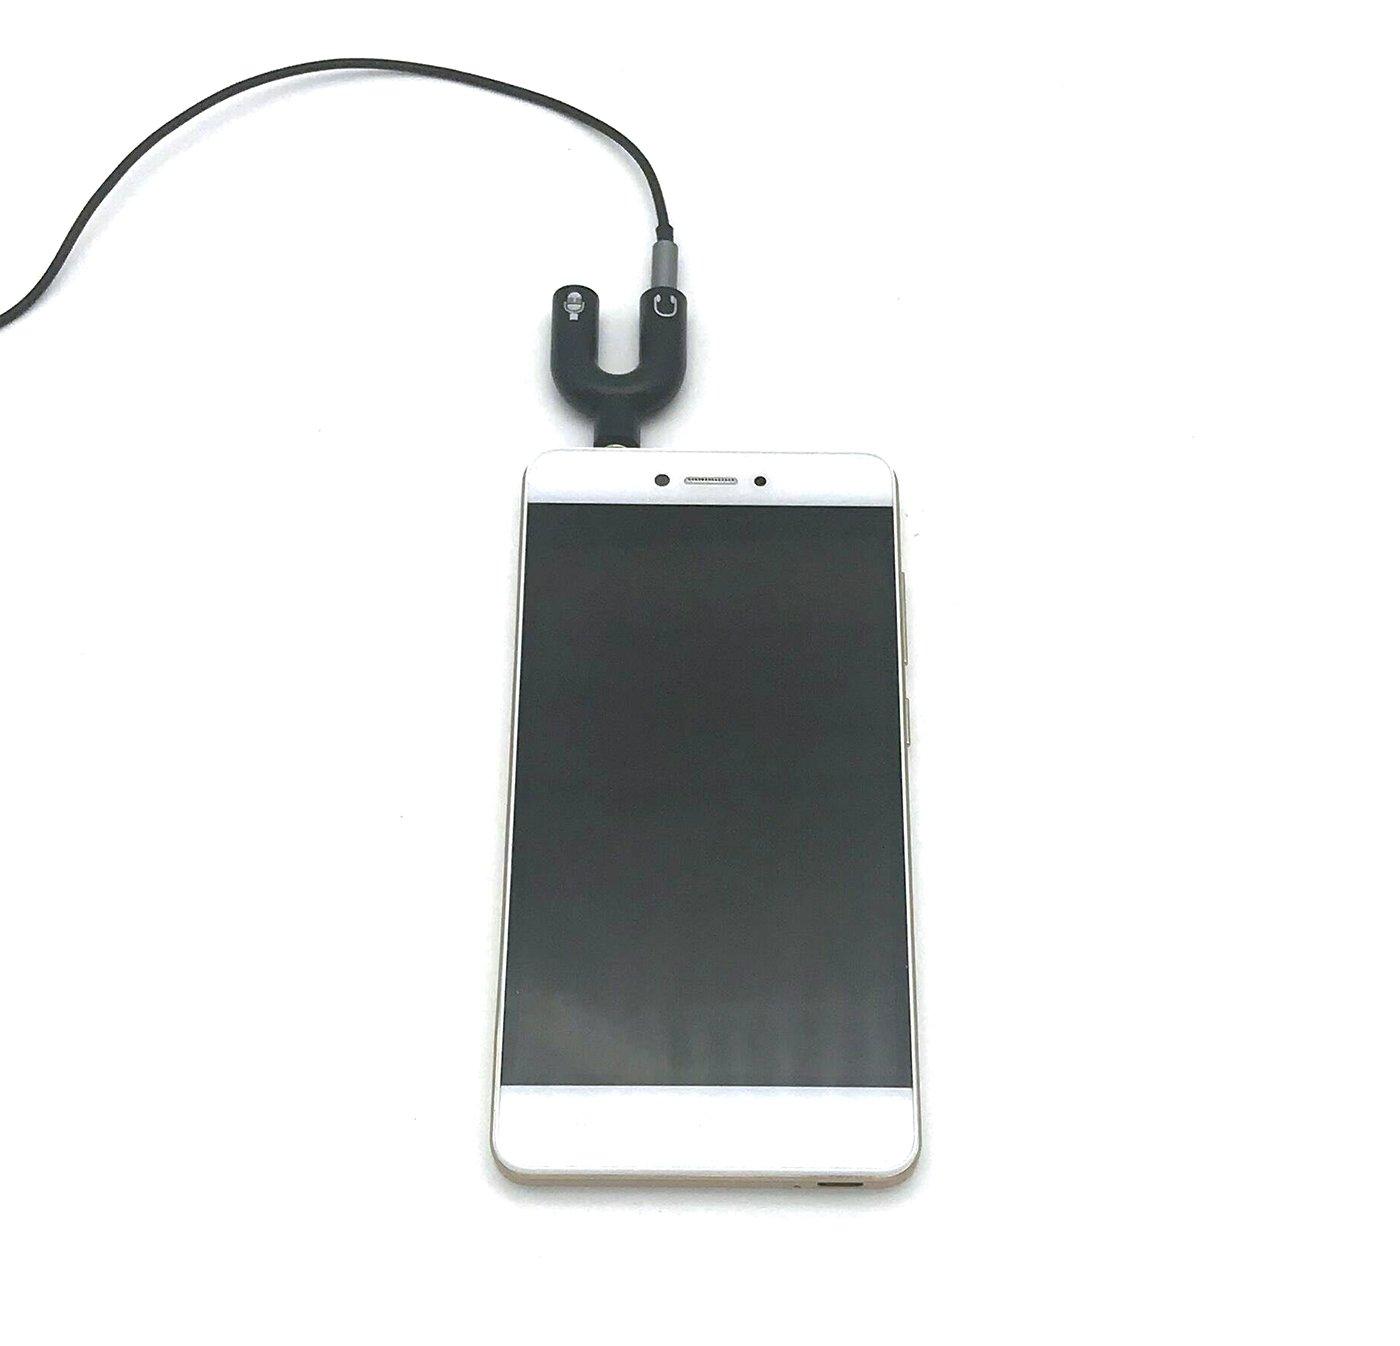 2 convertitori Vimmor per jack audio da  3,5/mm splitter a 2/vie a U per tutti i dispositivi con connettore jack da 3,5/mm nero e bianco